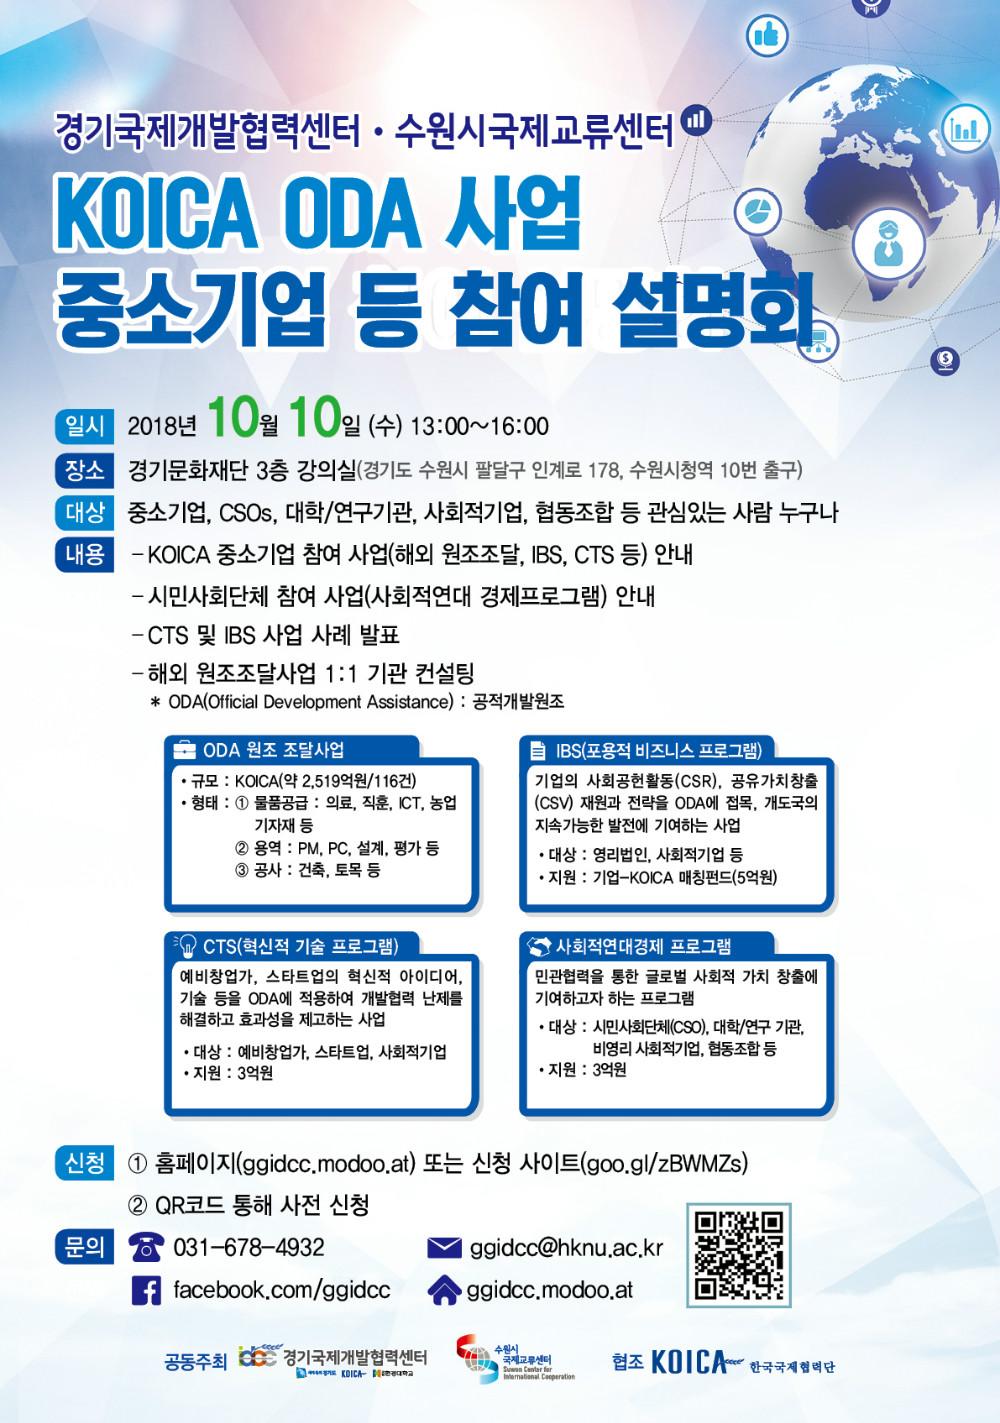 경기국제개발협력센터 KOICA 기업협력사업 설명회 포스터(최종본).jpg